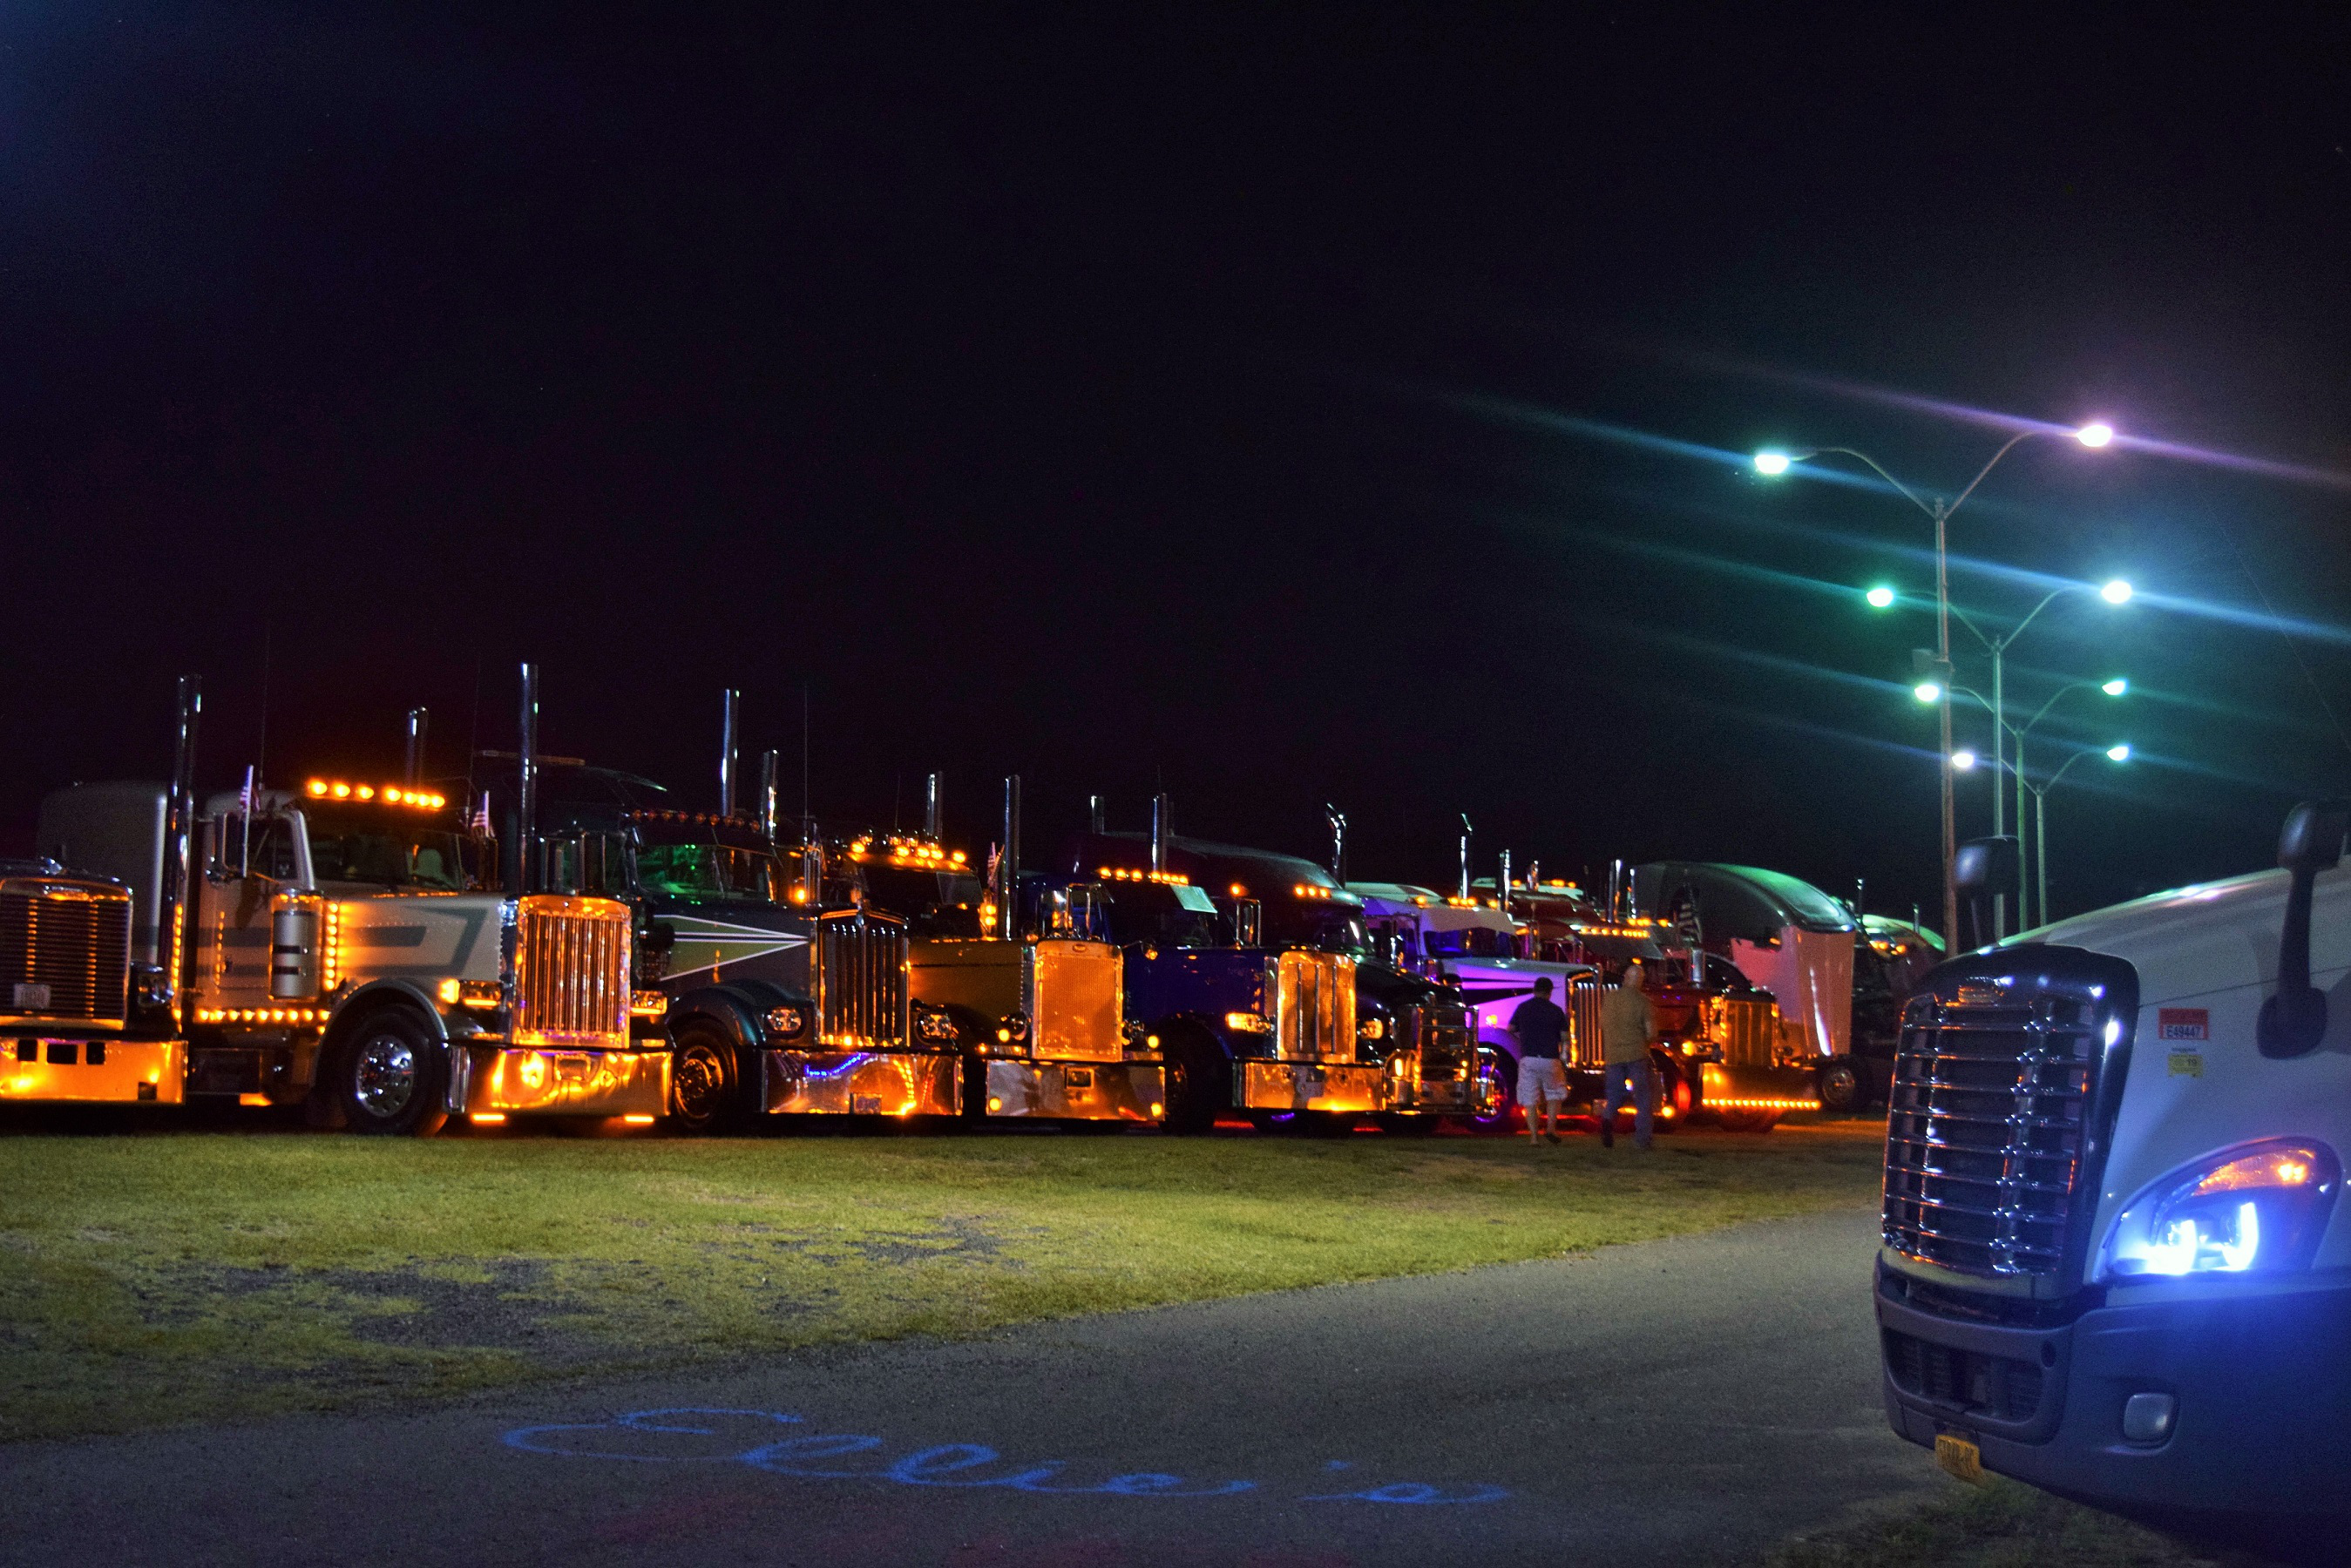 Multiple semi-trucks parked in lot